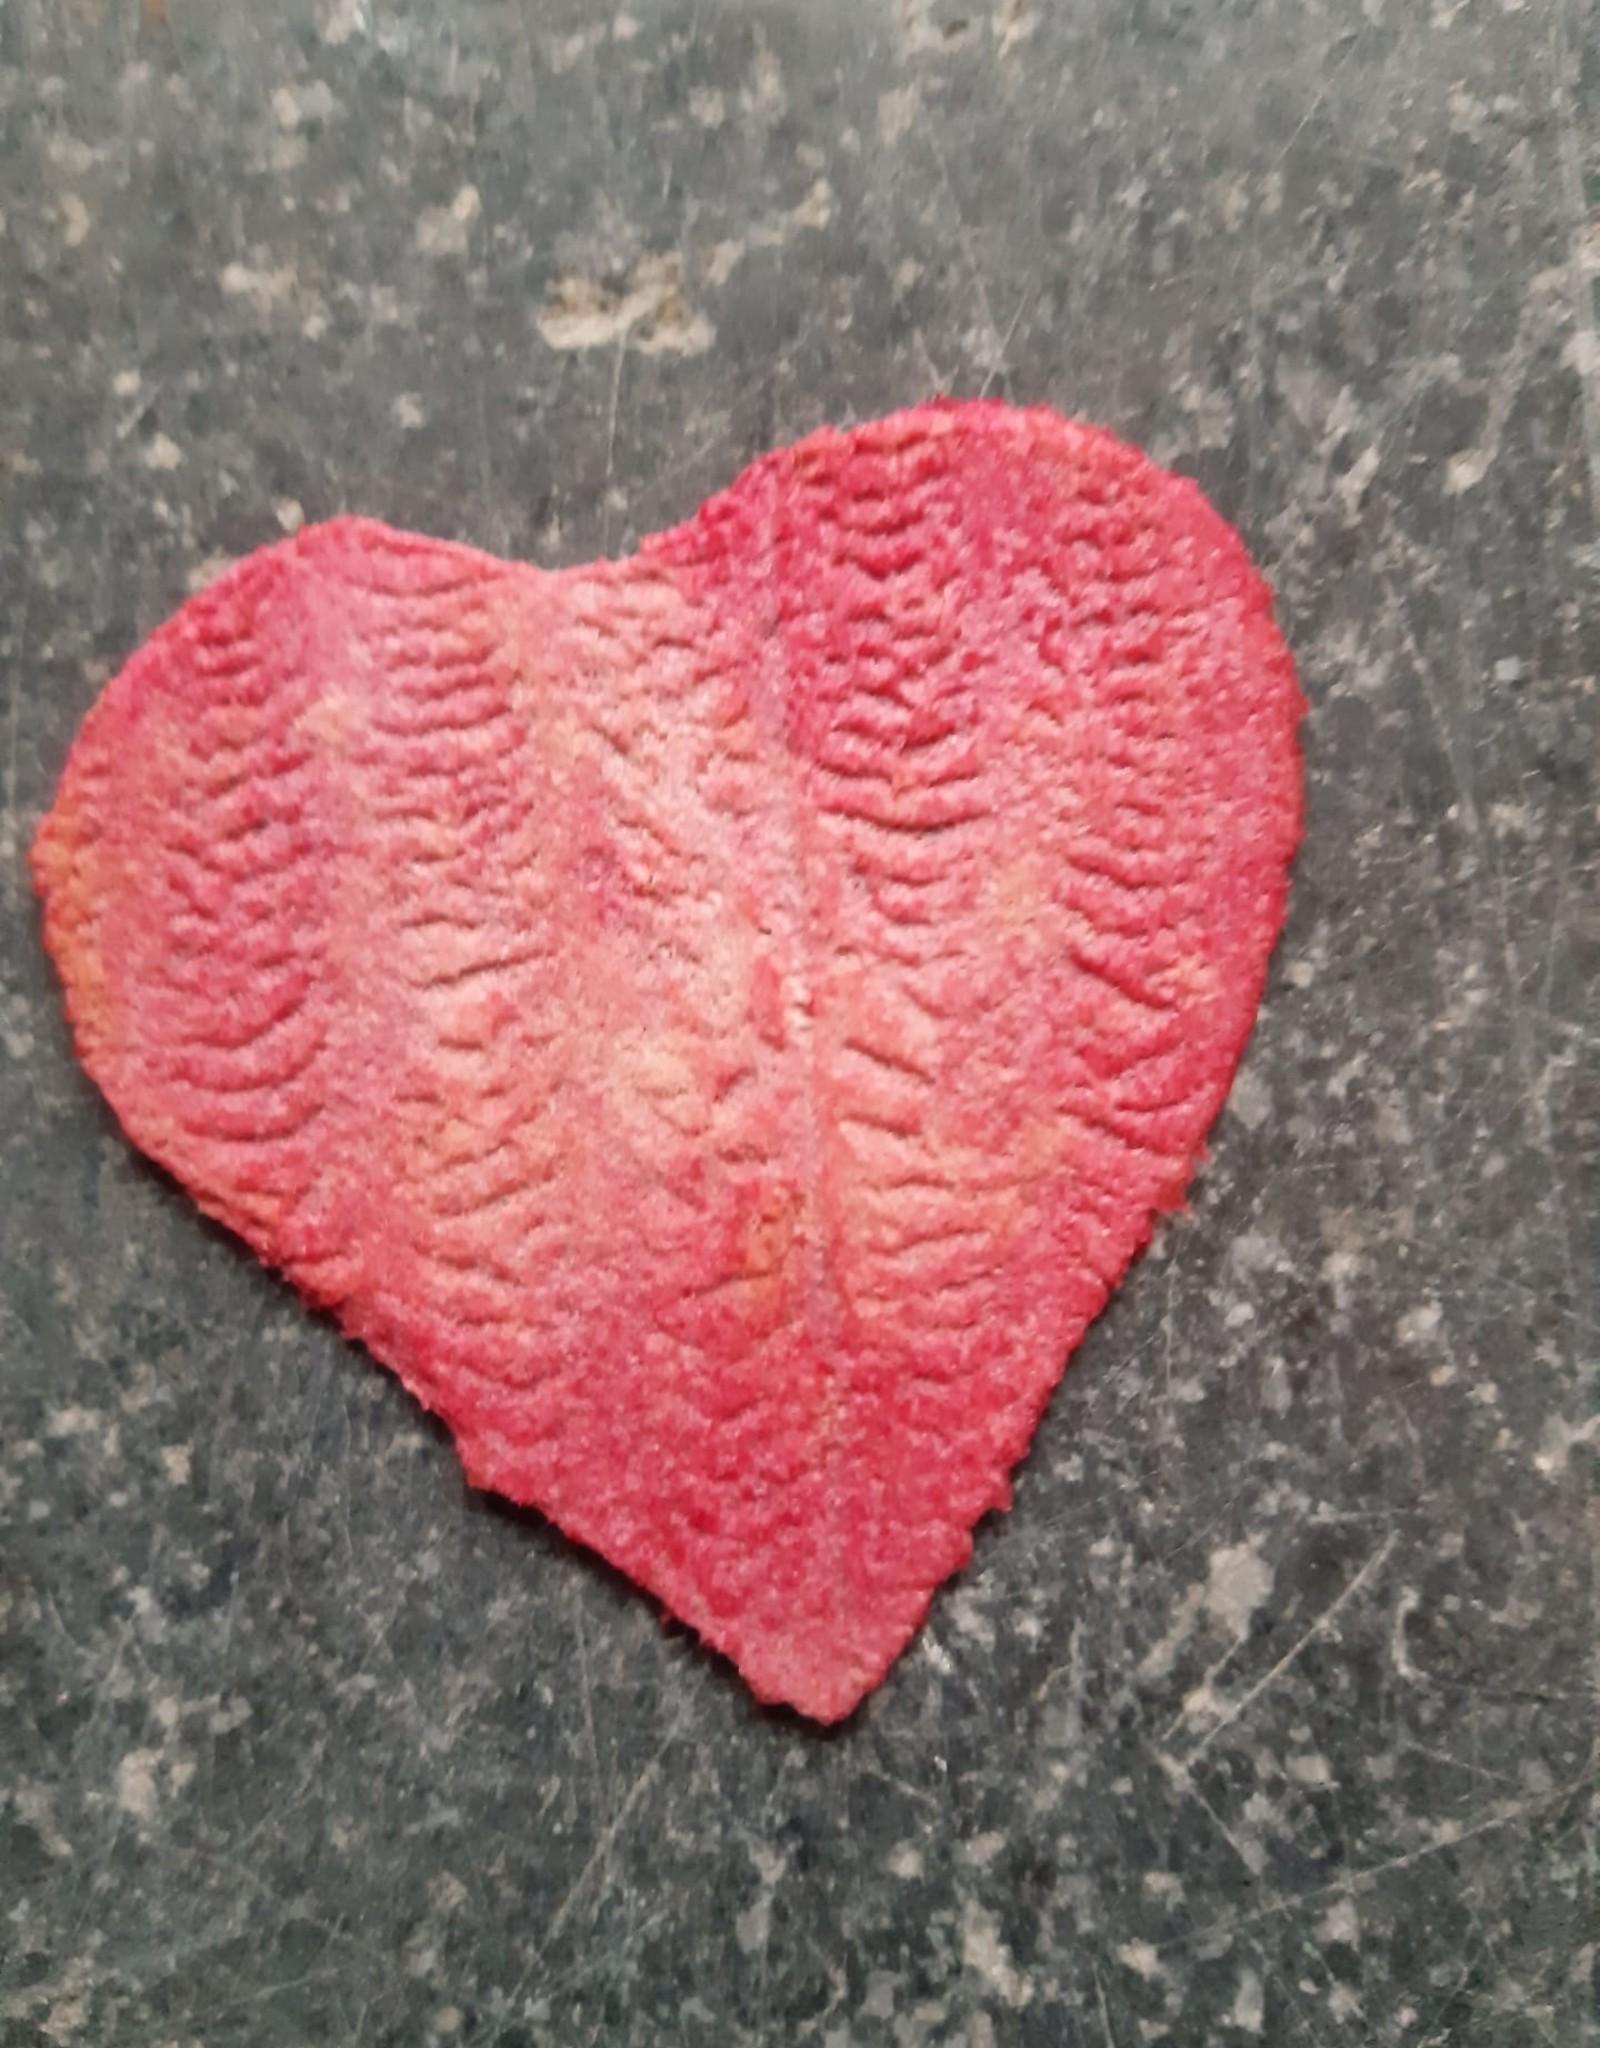 Vanhellemont Appelchips Valentijn